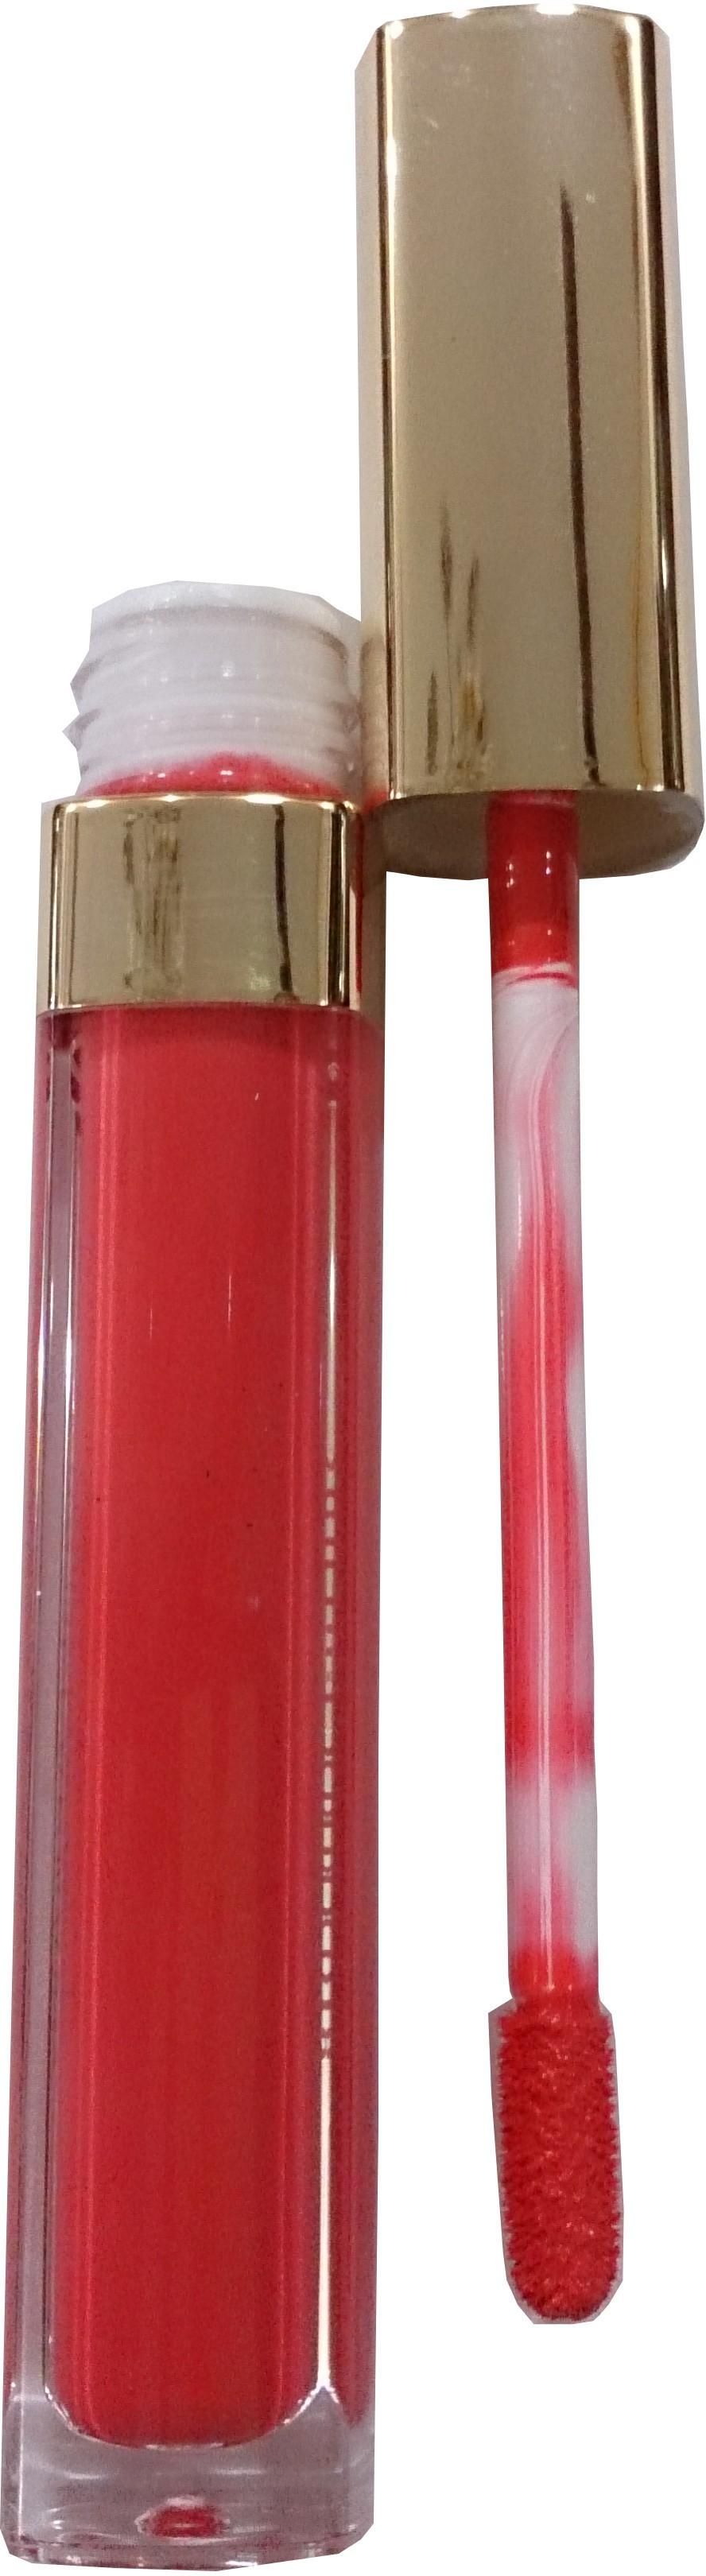 Sivanna Glamour Gloss(5 ml, Peach 02)